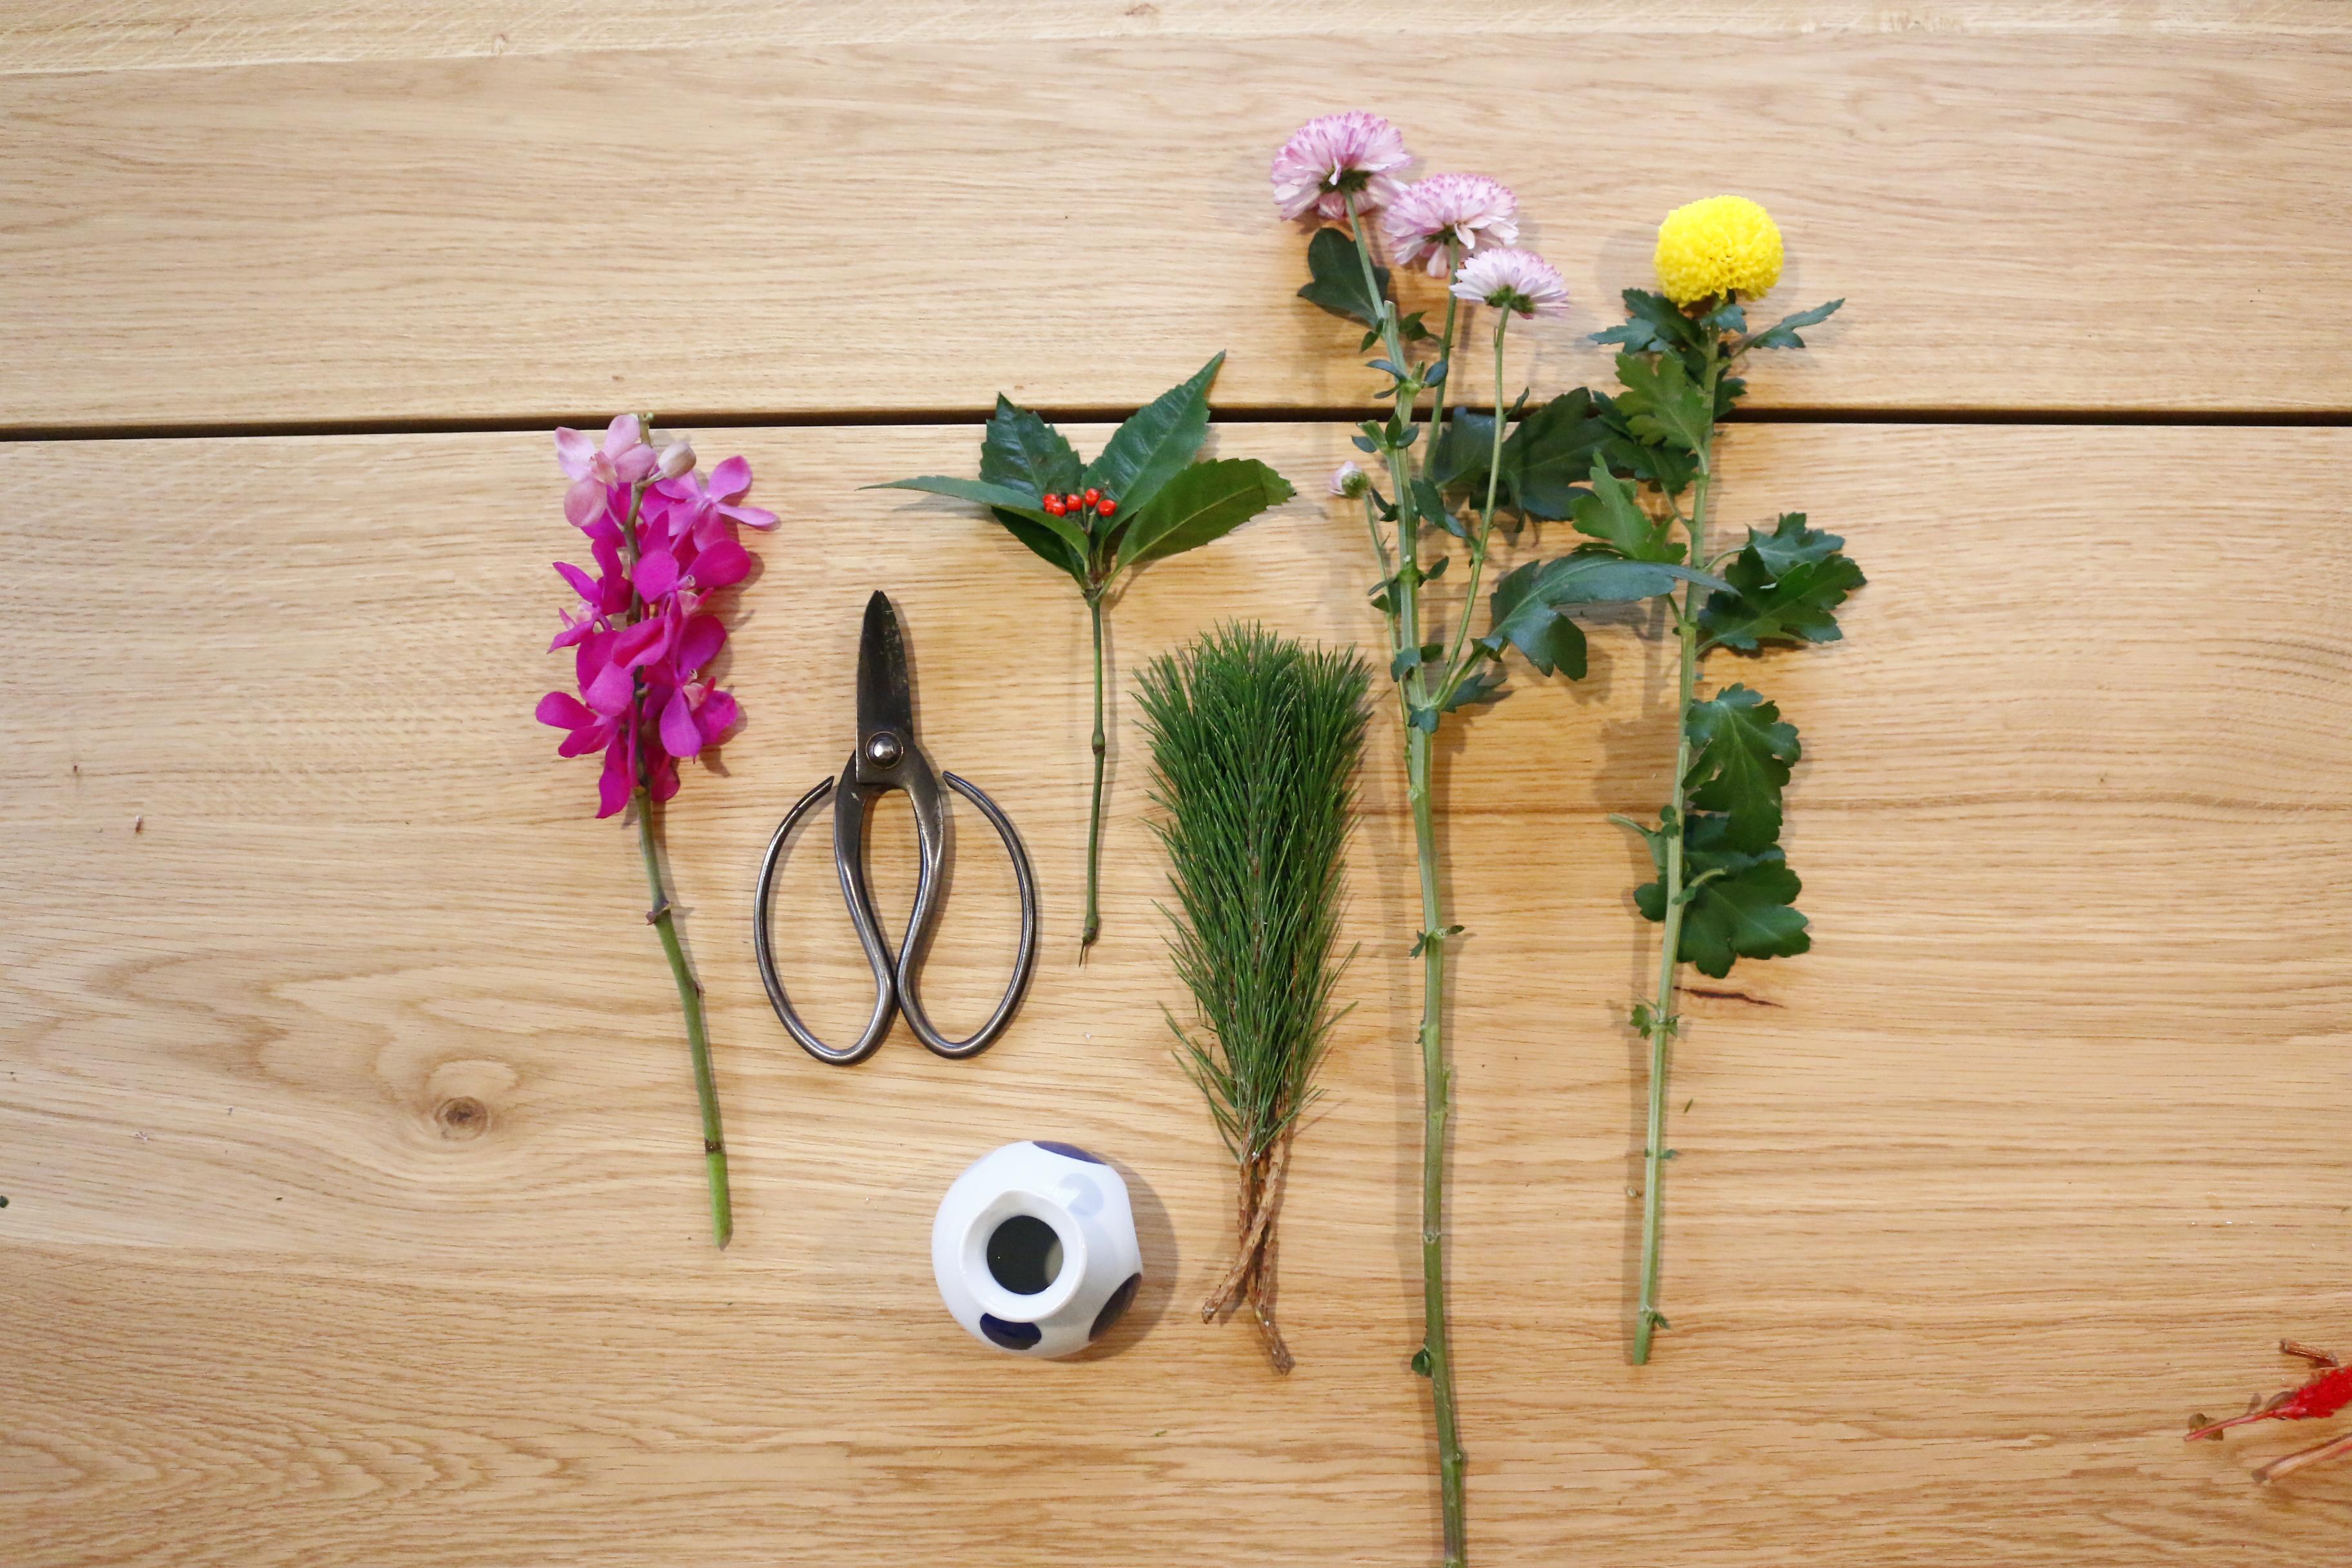 手順は簡単です。100均でも手に入るような小さな徳利に活けていきます。  花材は、菊・松・千両・蘭にしました。長さはある程度切って、余分な葉っぱは落とします。